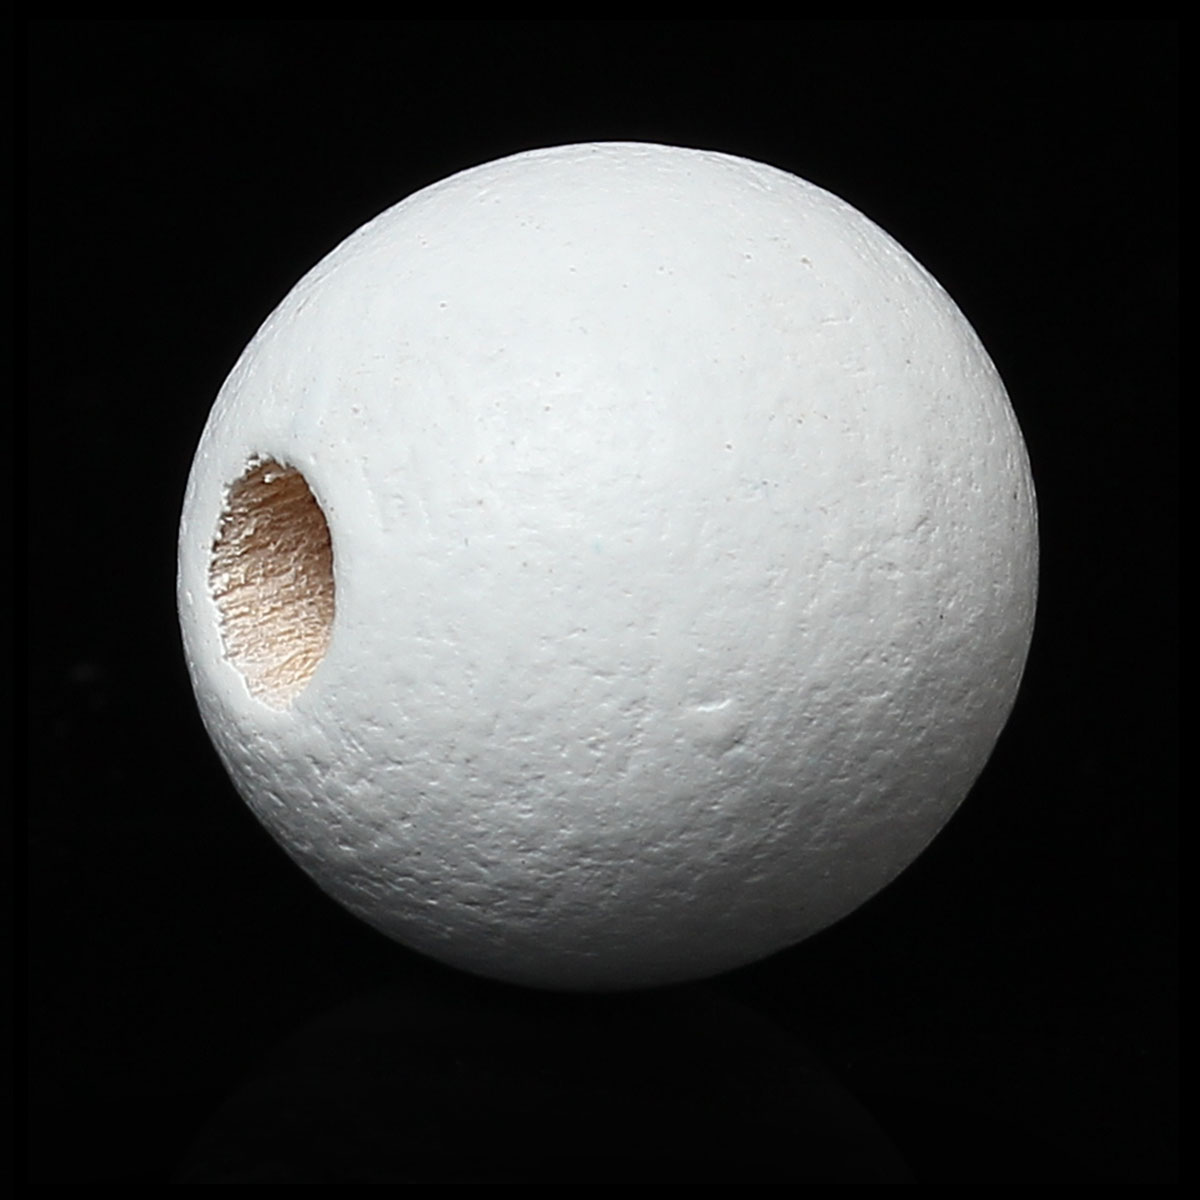 DoreenBeads деревянные бусины-разделители, круглые белые бусины диаметром около 16 мм (5/8 дюйма), отверстие: около 3,5 мм-4 мм, 14 шт. Новинка